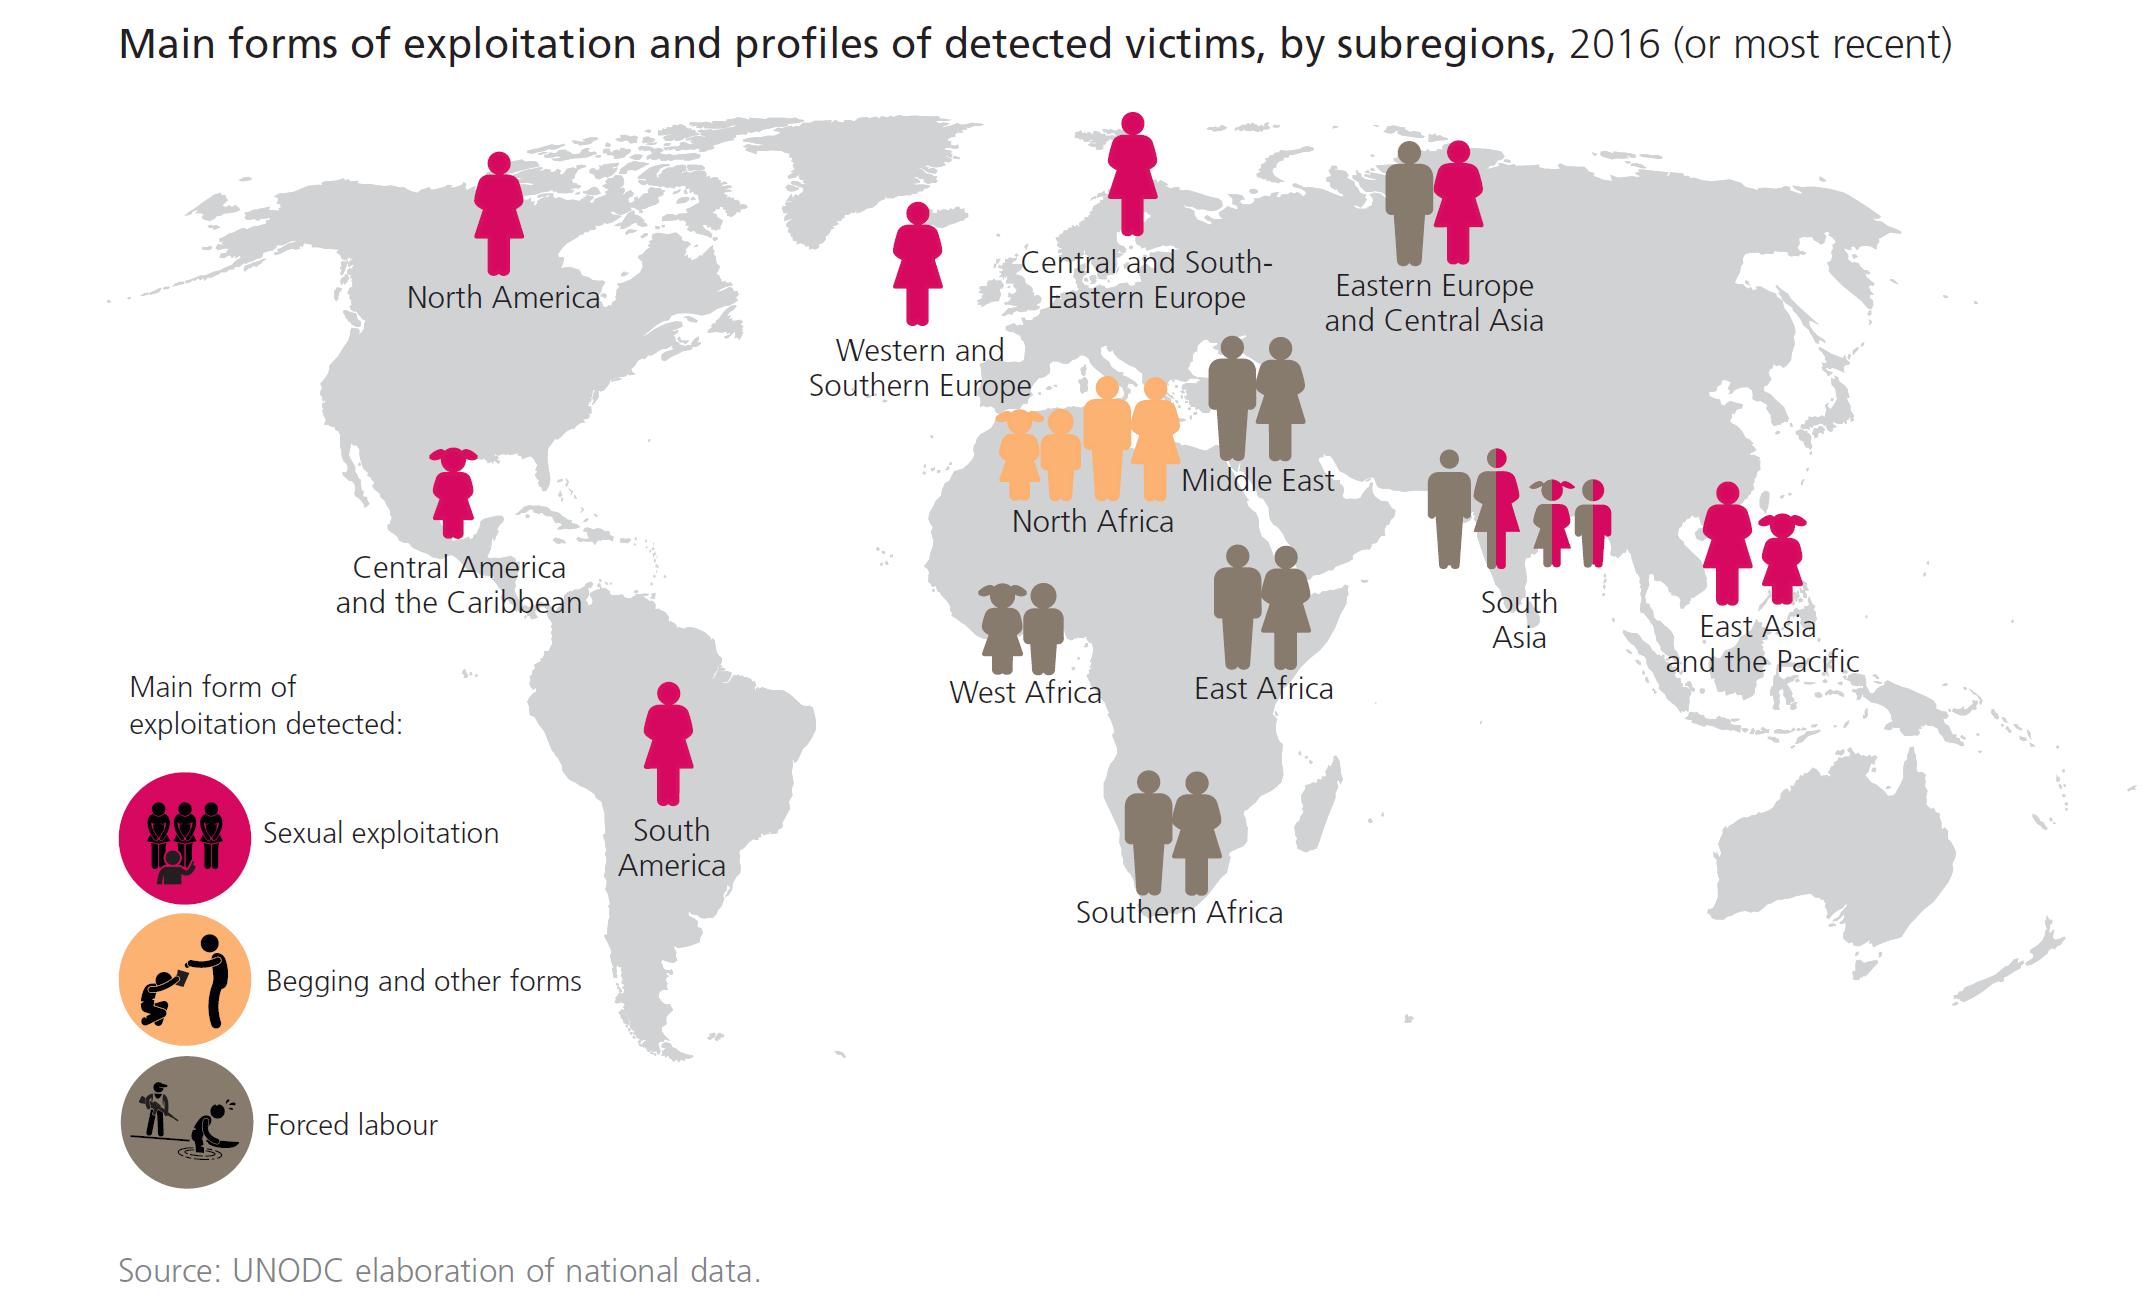 Mapa amb la incidència de la tracta i les seues finalitats (explotació sexual, pidolaires, i treball forçat) per àrees del món